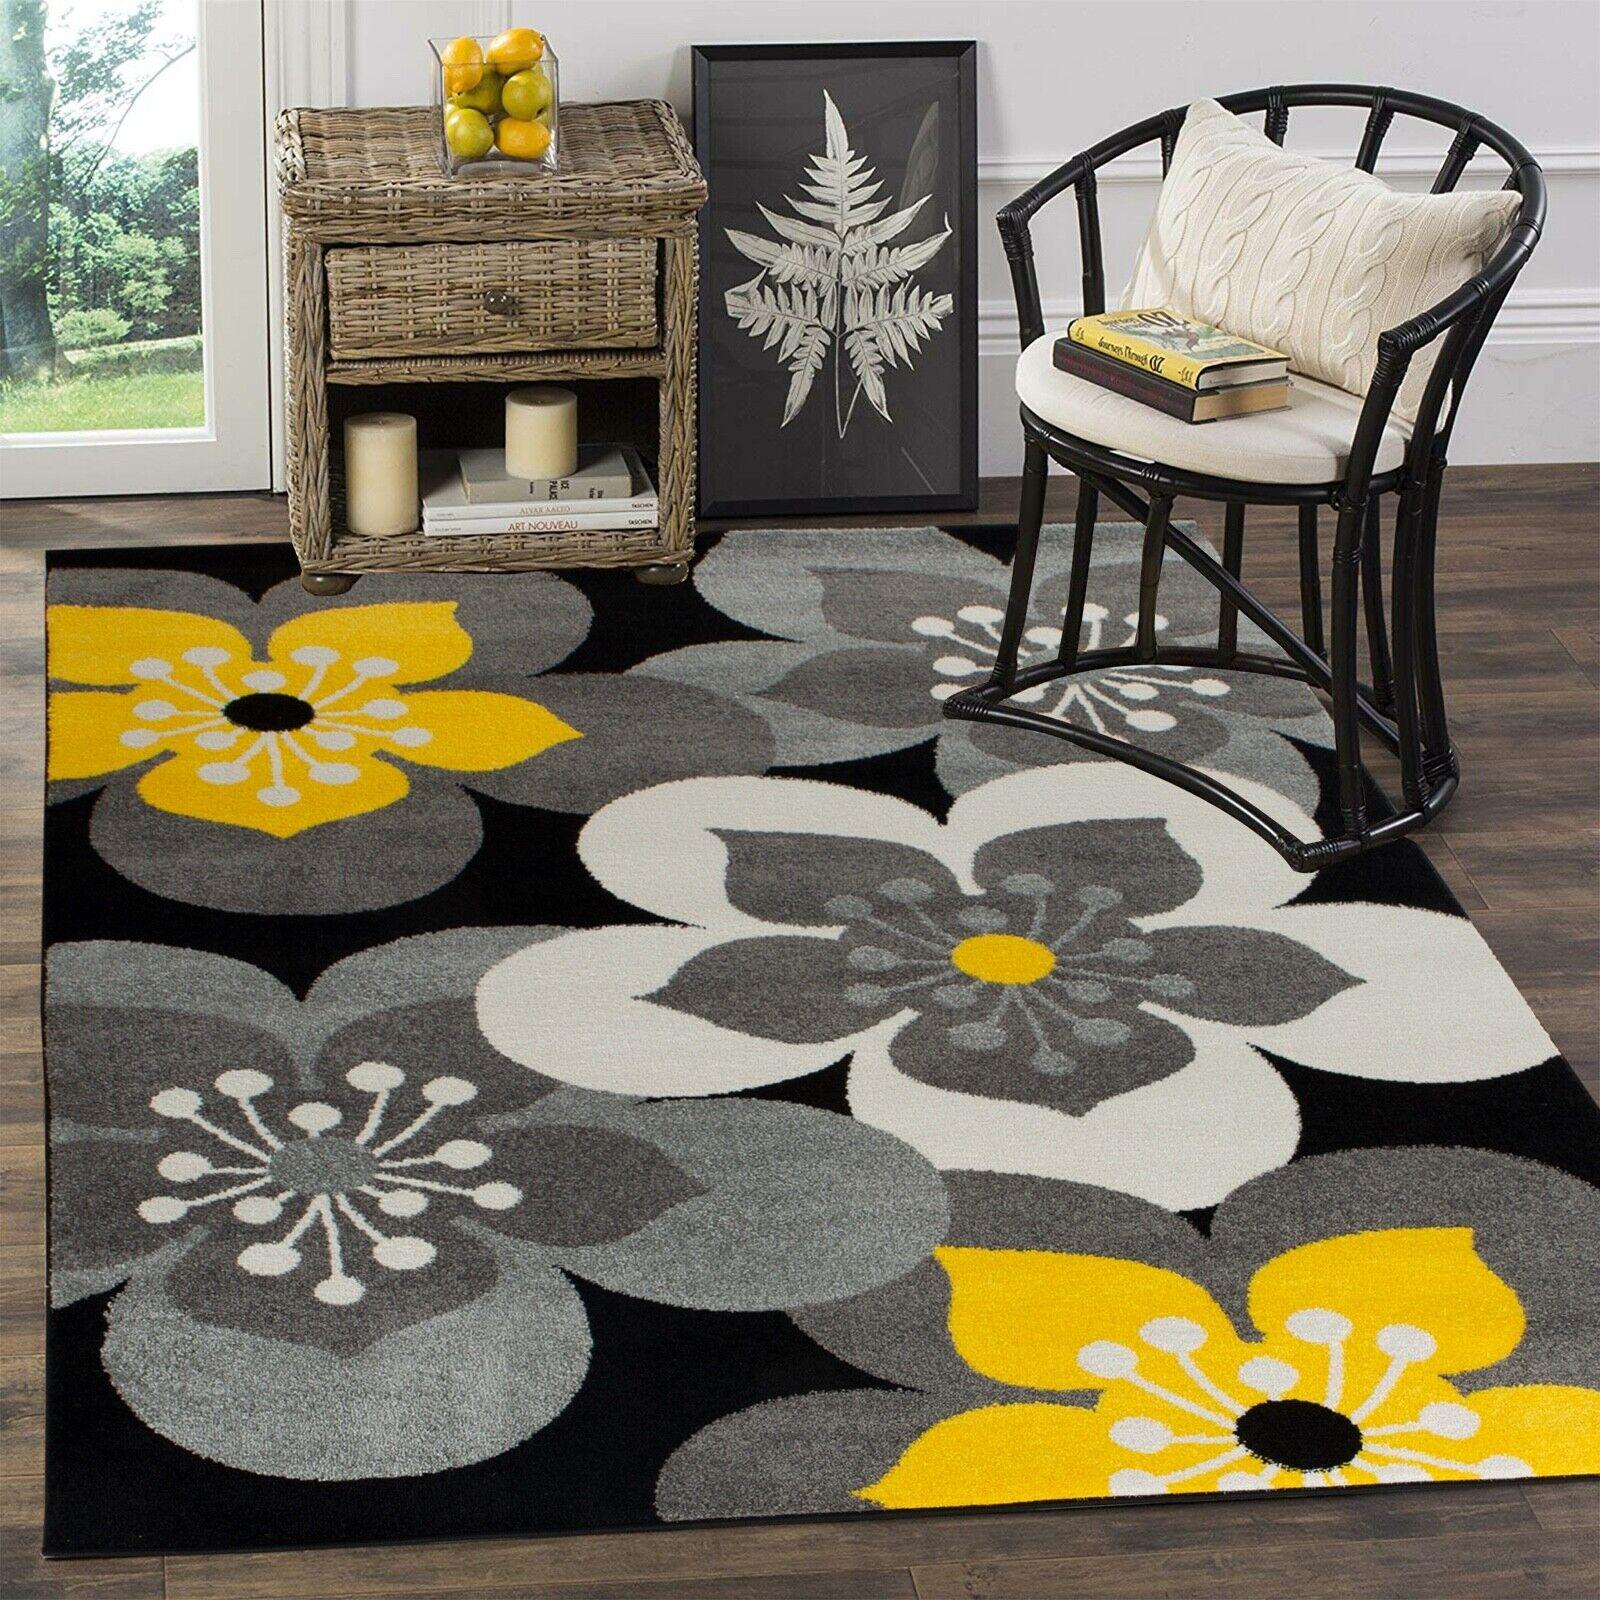 Area Rug Oxfrd13 Flowers Gray Yellow Black White Soft Pile Size 2x3 3x5 5x7 8x11 Ebay